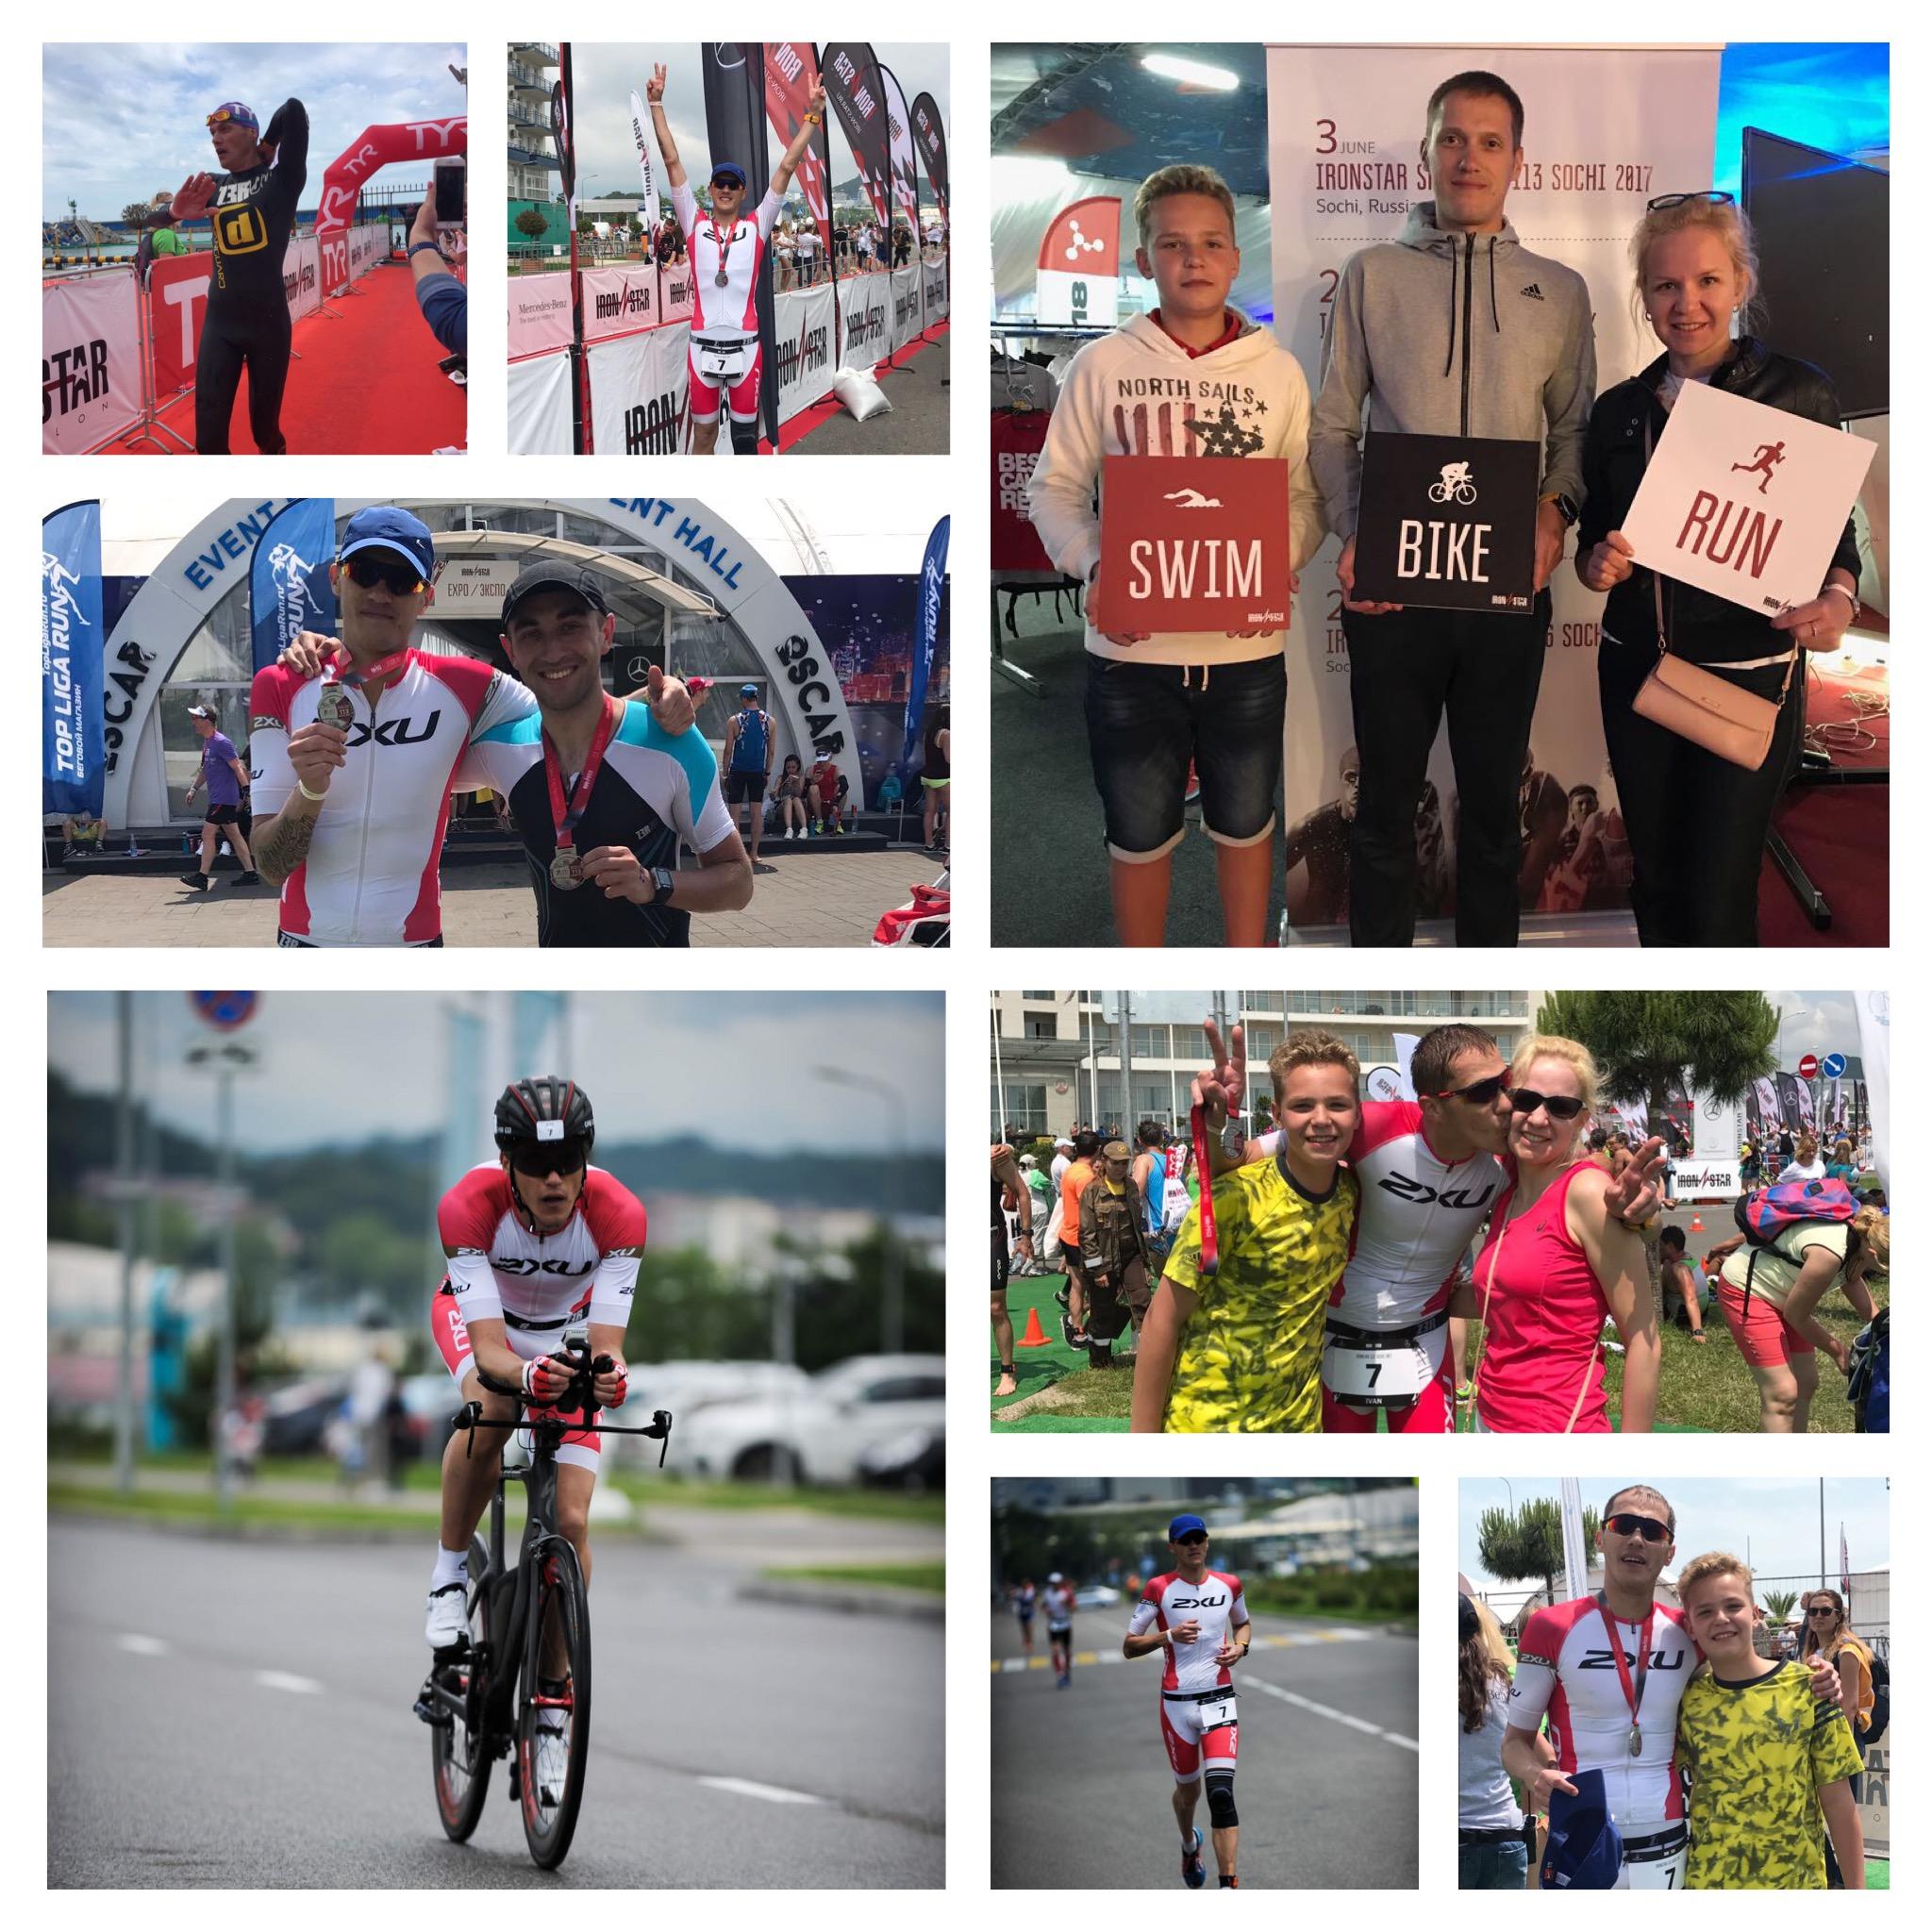 Коллаж Ironstar Sochi 2017